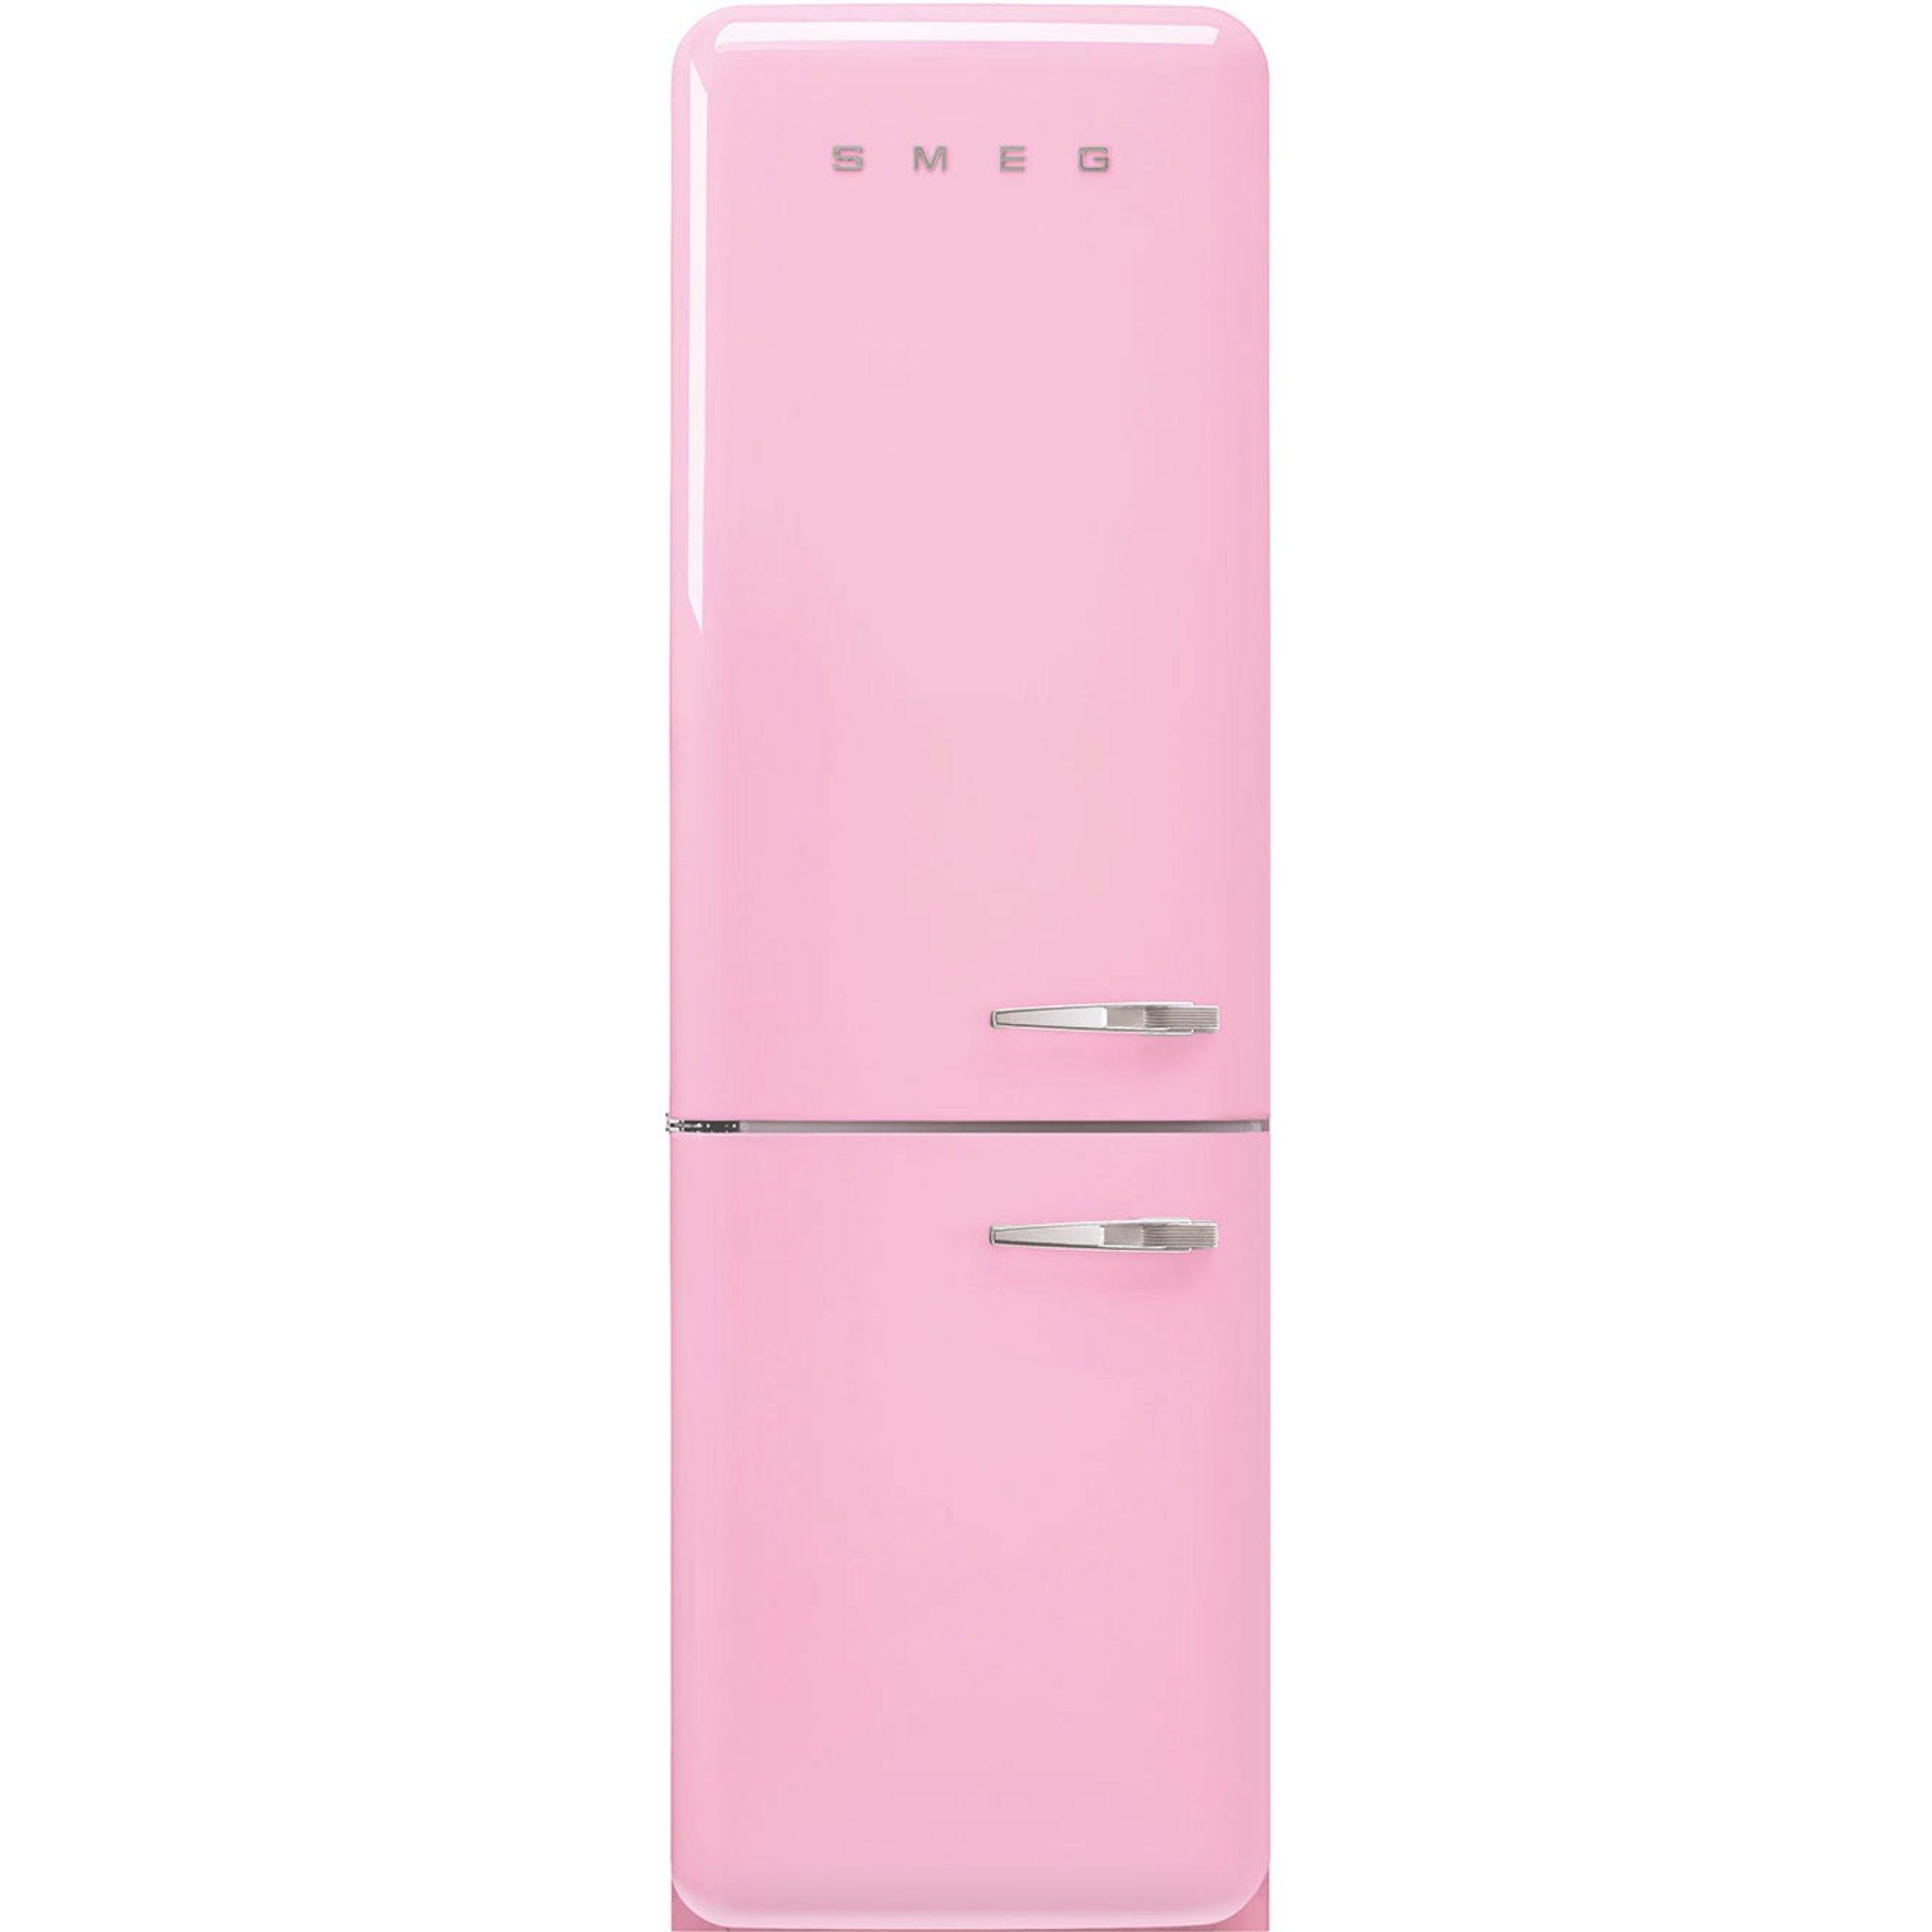 Smeg FAB32LPK5 Køle-/fryseskab pink